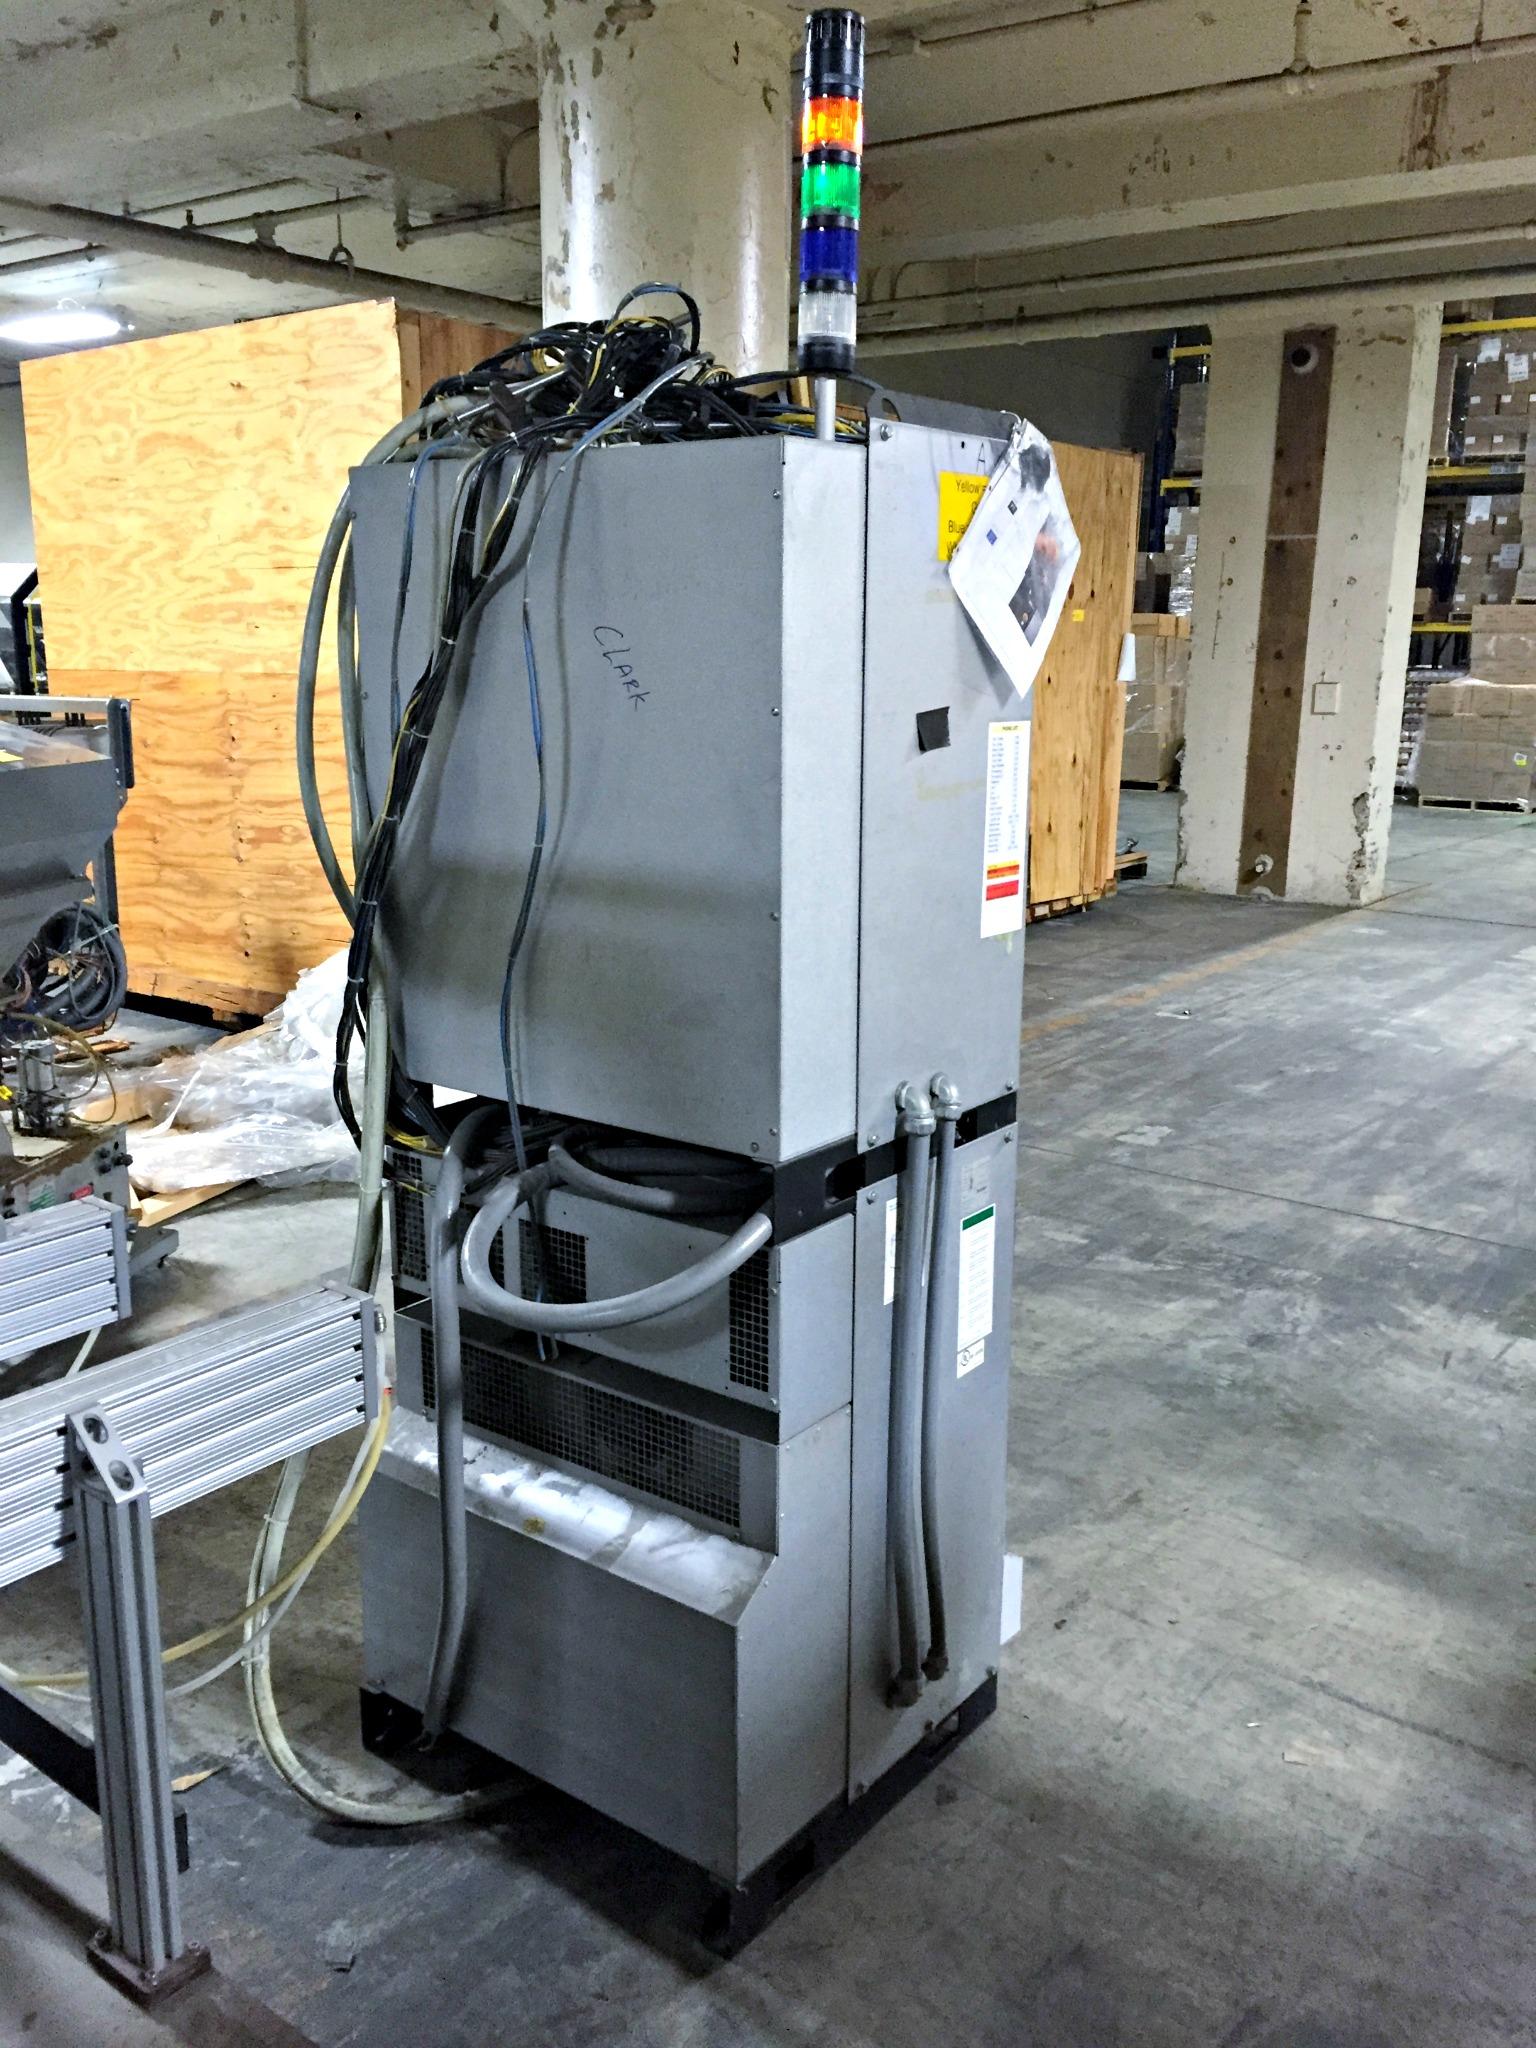 Lot 11 - ALLEN BRADLEY 721 68 Vasteras Type of robot IRB2600, Type IRC5 M2004 Ver. 53A 262V, voltage 3X480V